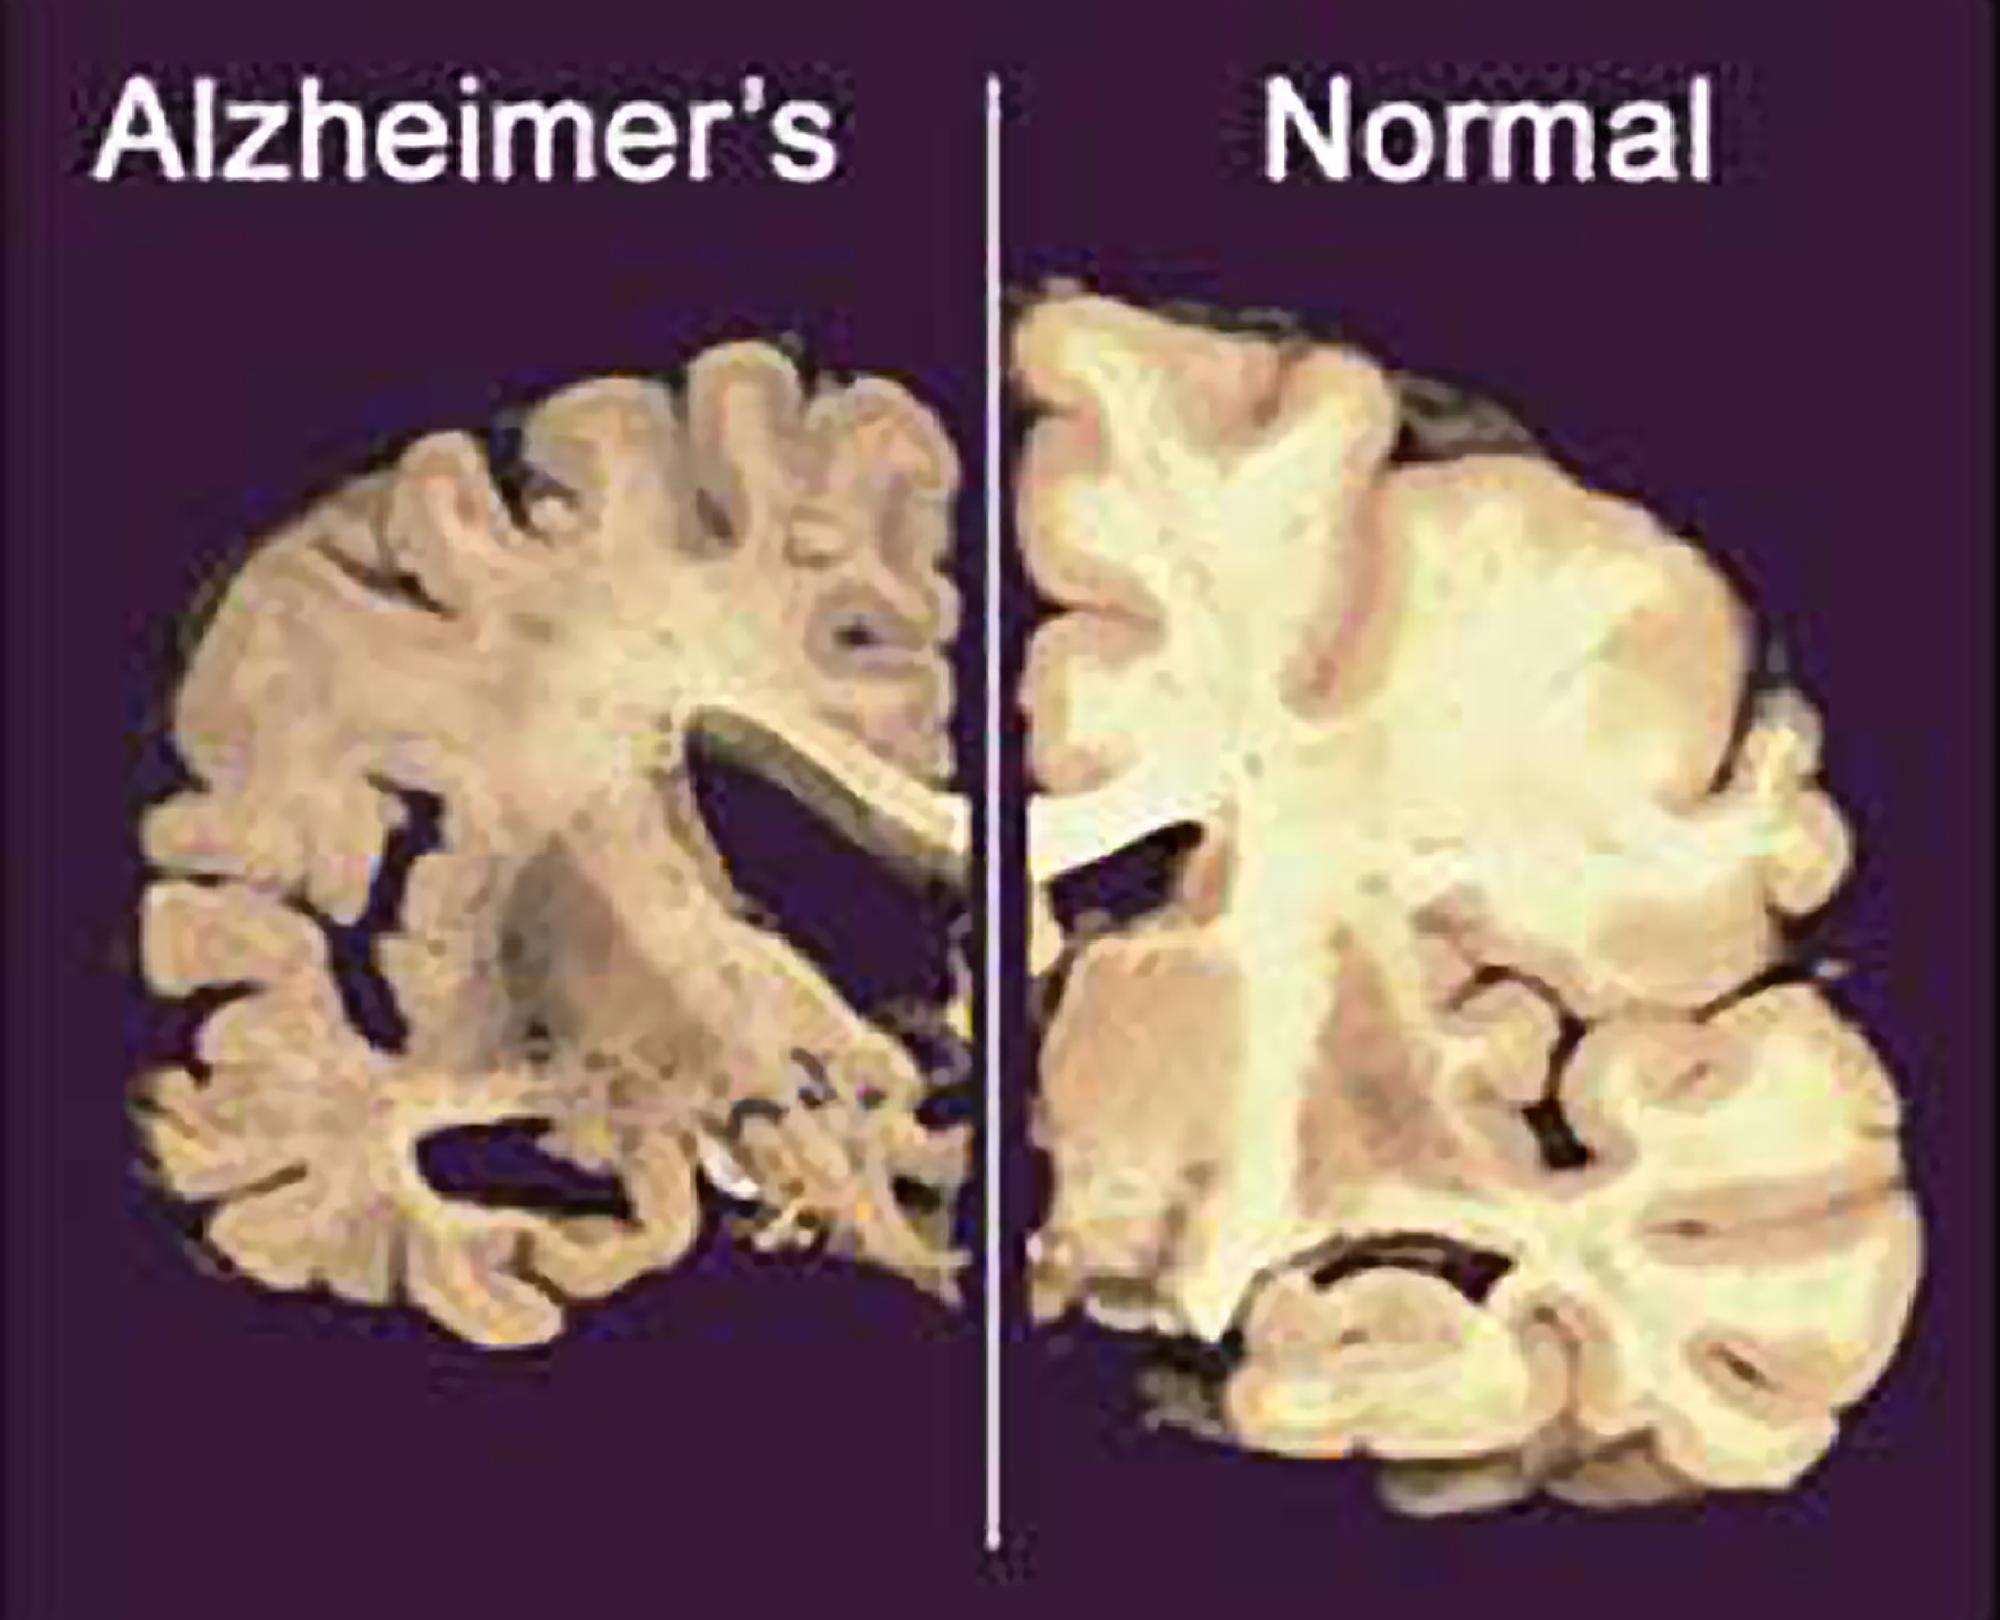 nadie sabe con certeza por qué se desarrolla la enfermedad del Alzheimer. Existen cientificos que manifiestan que la misma se  asocia a la acumulación de un tipo de proteínas en el cerebro; llamadas beta amiloide y tau